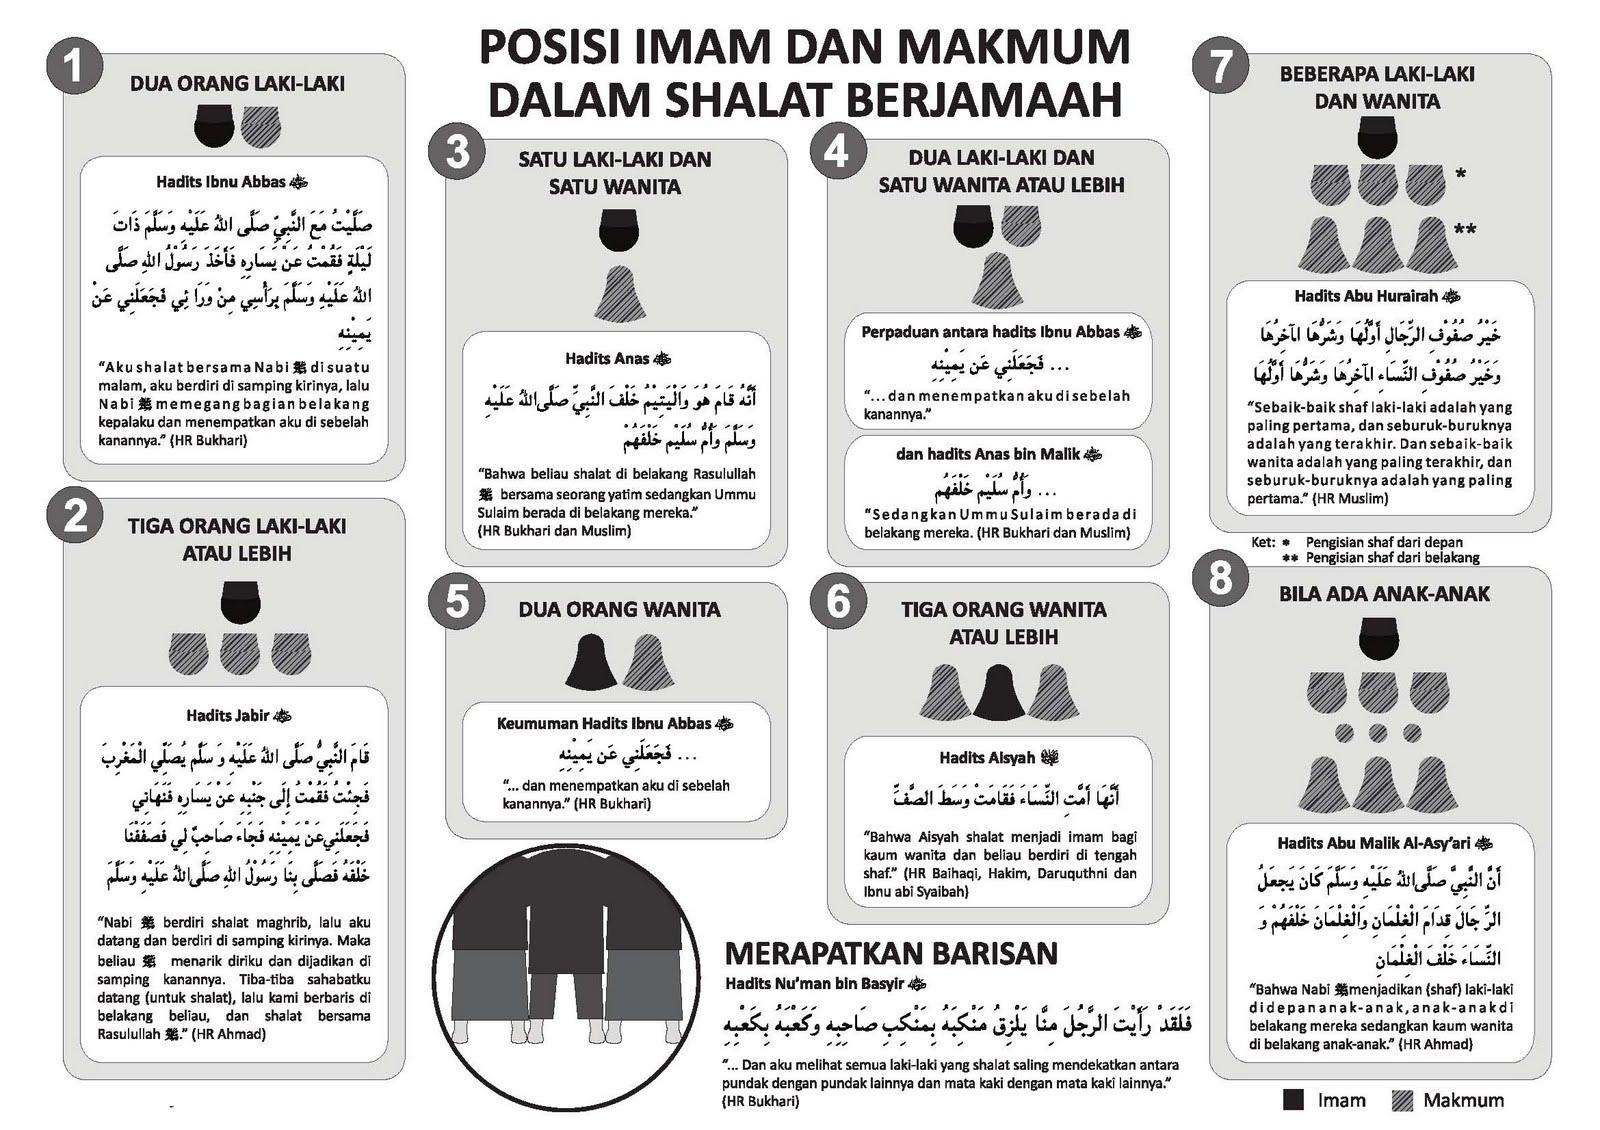 posisi+imam.jpg (1600×1130)